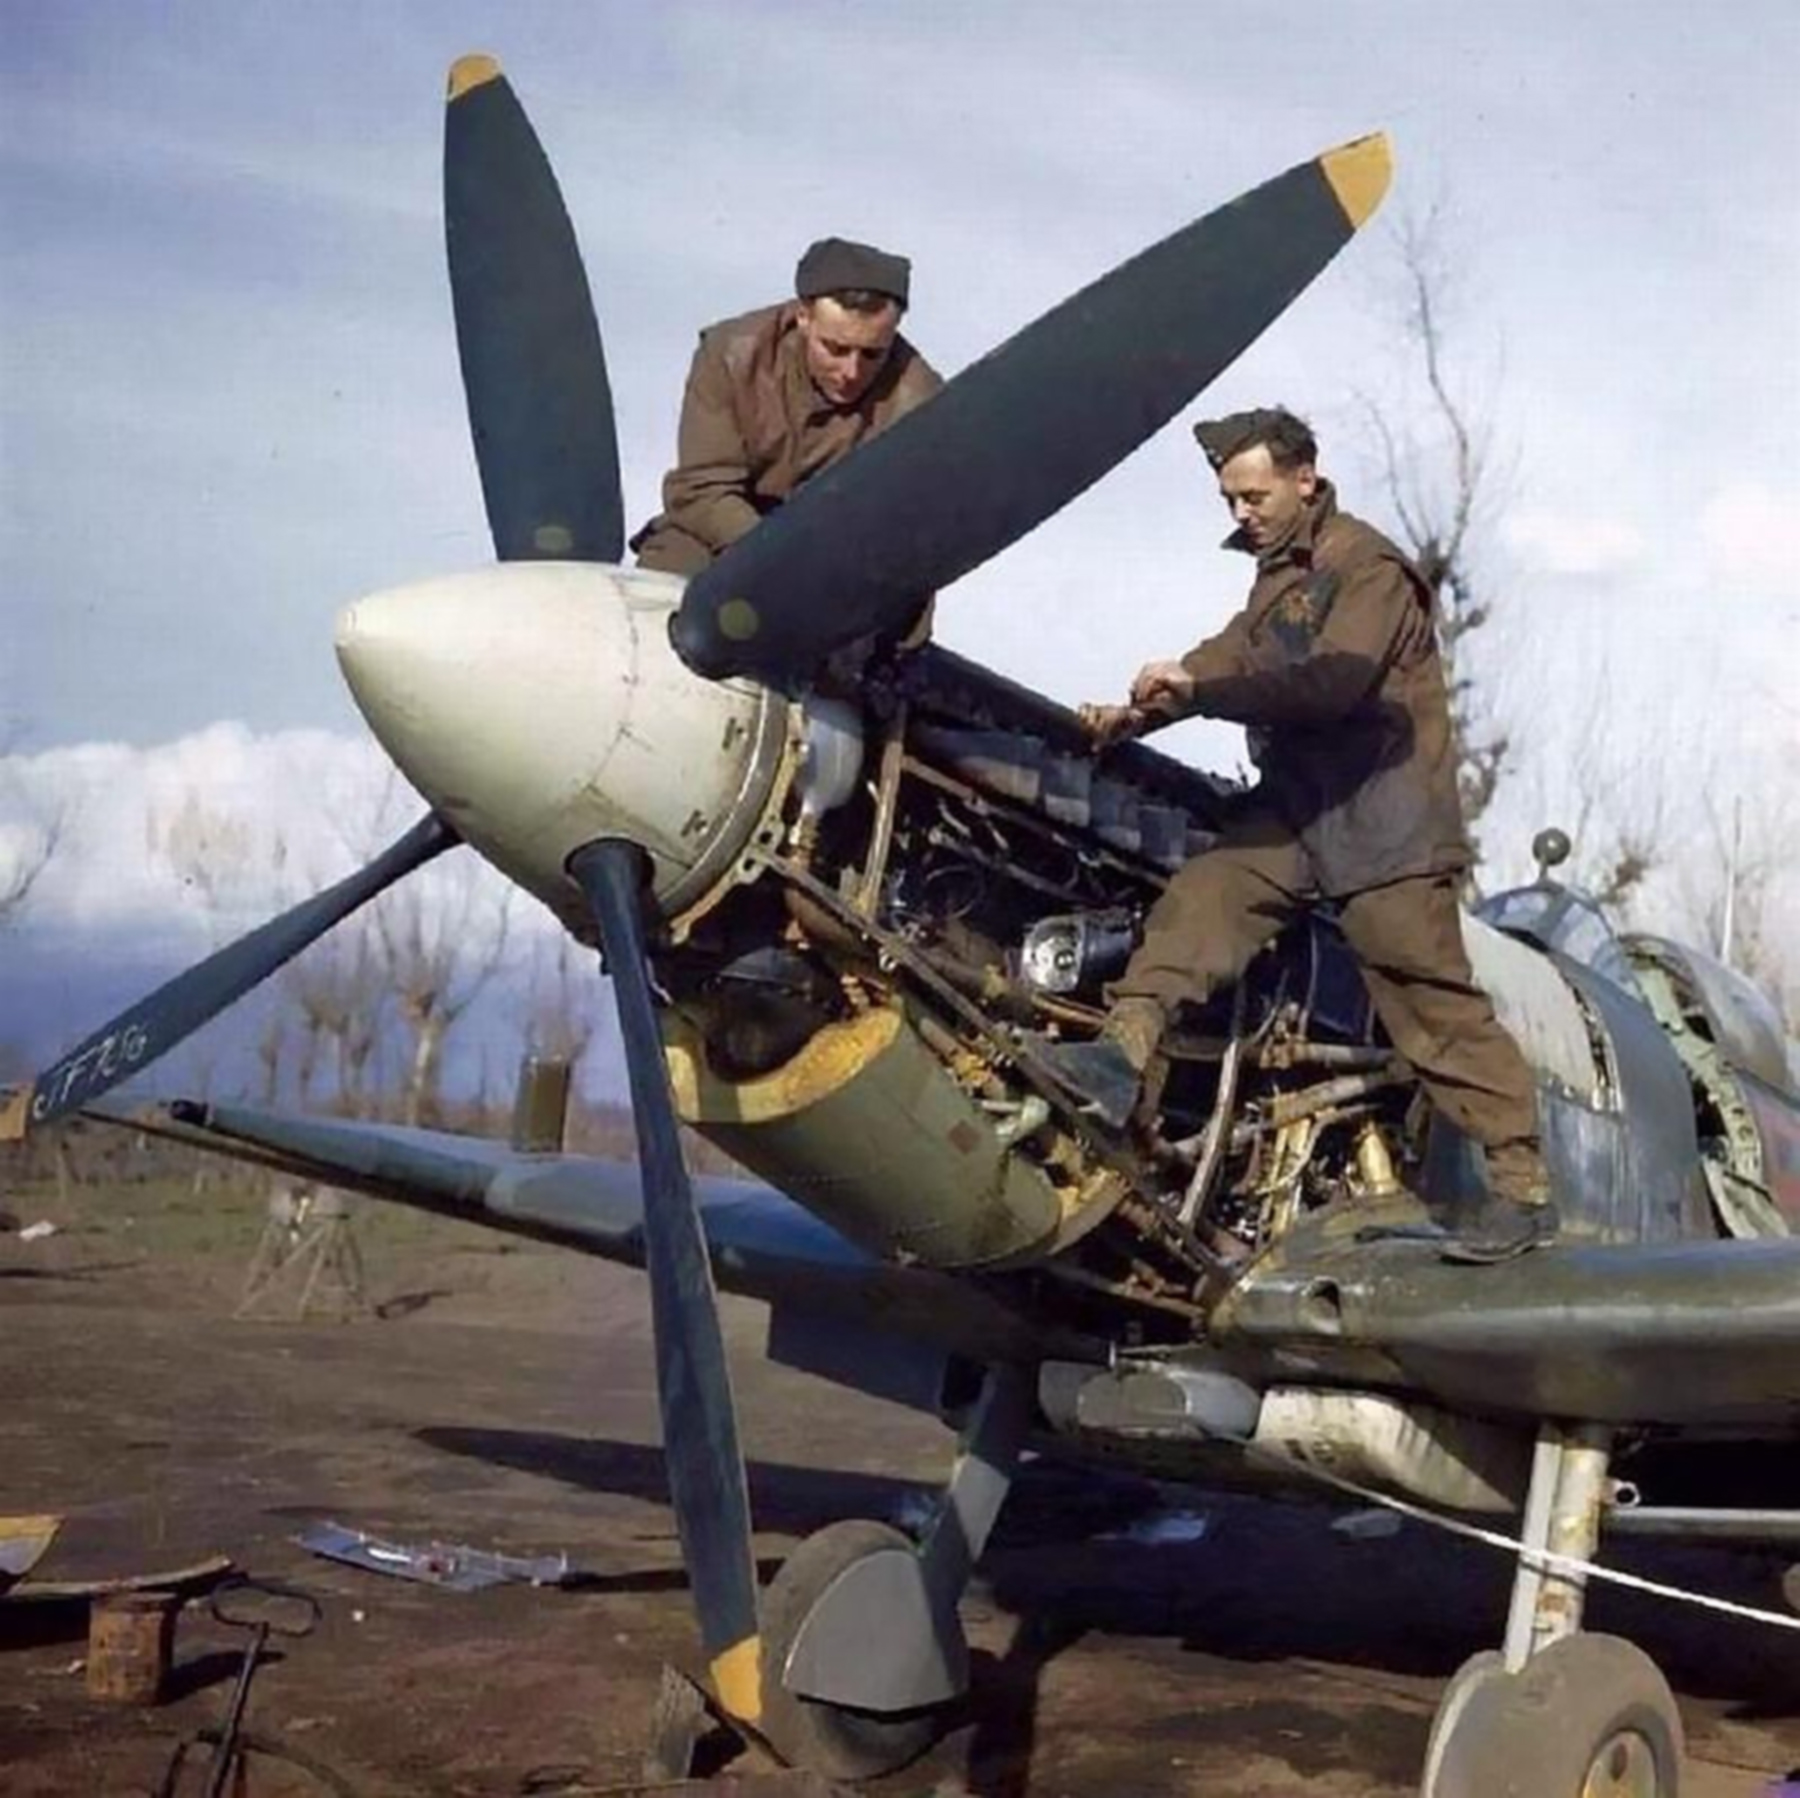 Spitfire MkIX RAF 241Sqn ground crew Jim Birkett Wally Passmore working on a Merlin engine IWM 02